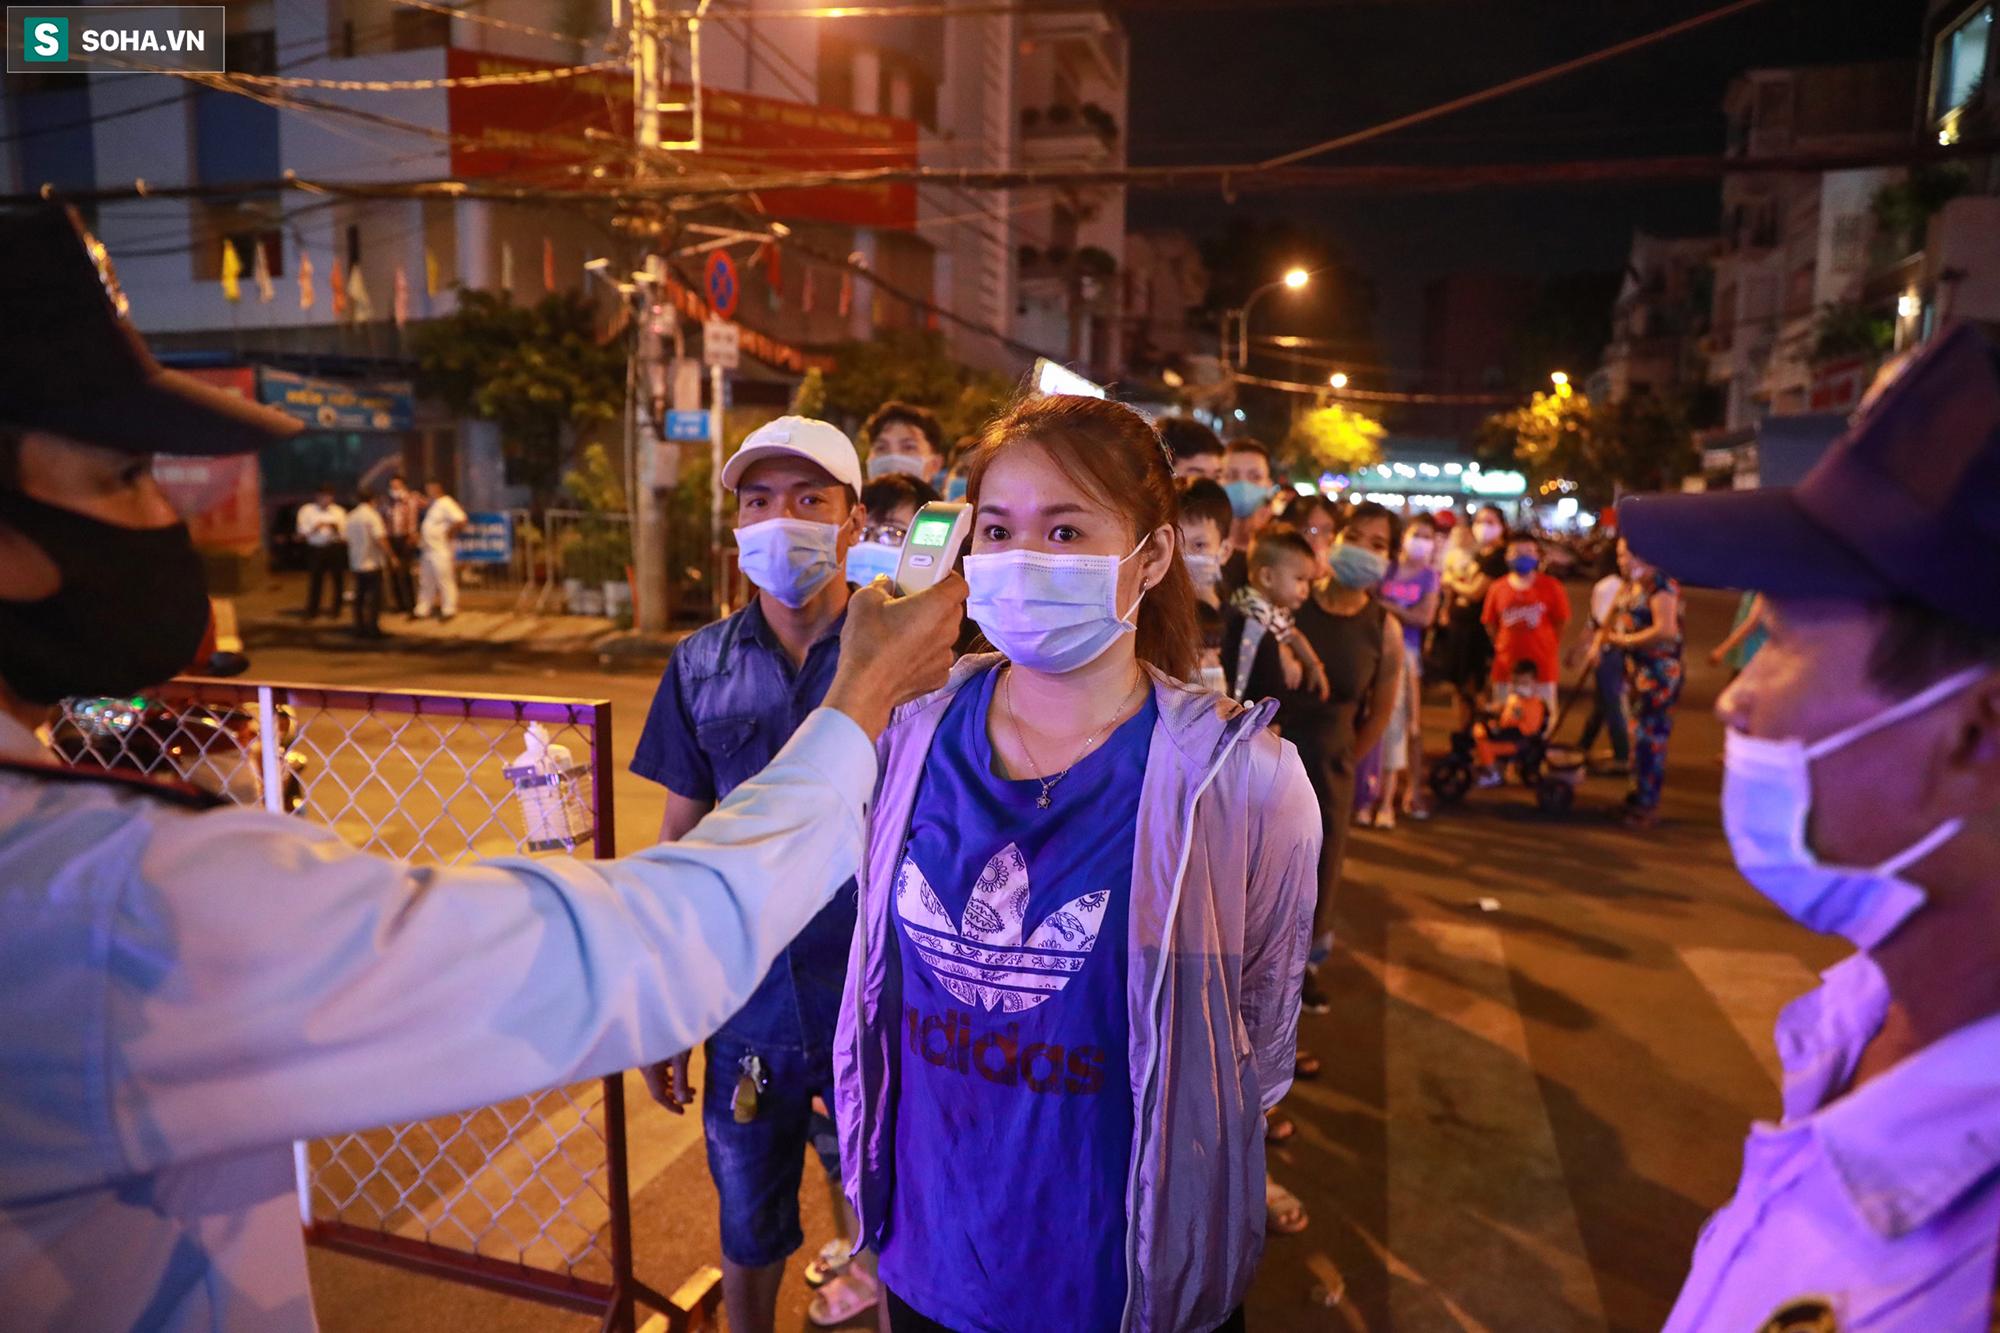 [Ảnh] Giởi trẻ xếp hàng chờ dài đo thân nhiệt để vào check-in khu phố đi bộ mới mở tại TP.HCM - Ảnh 3.